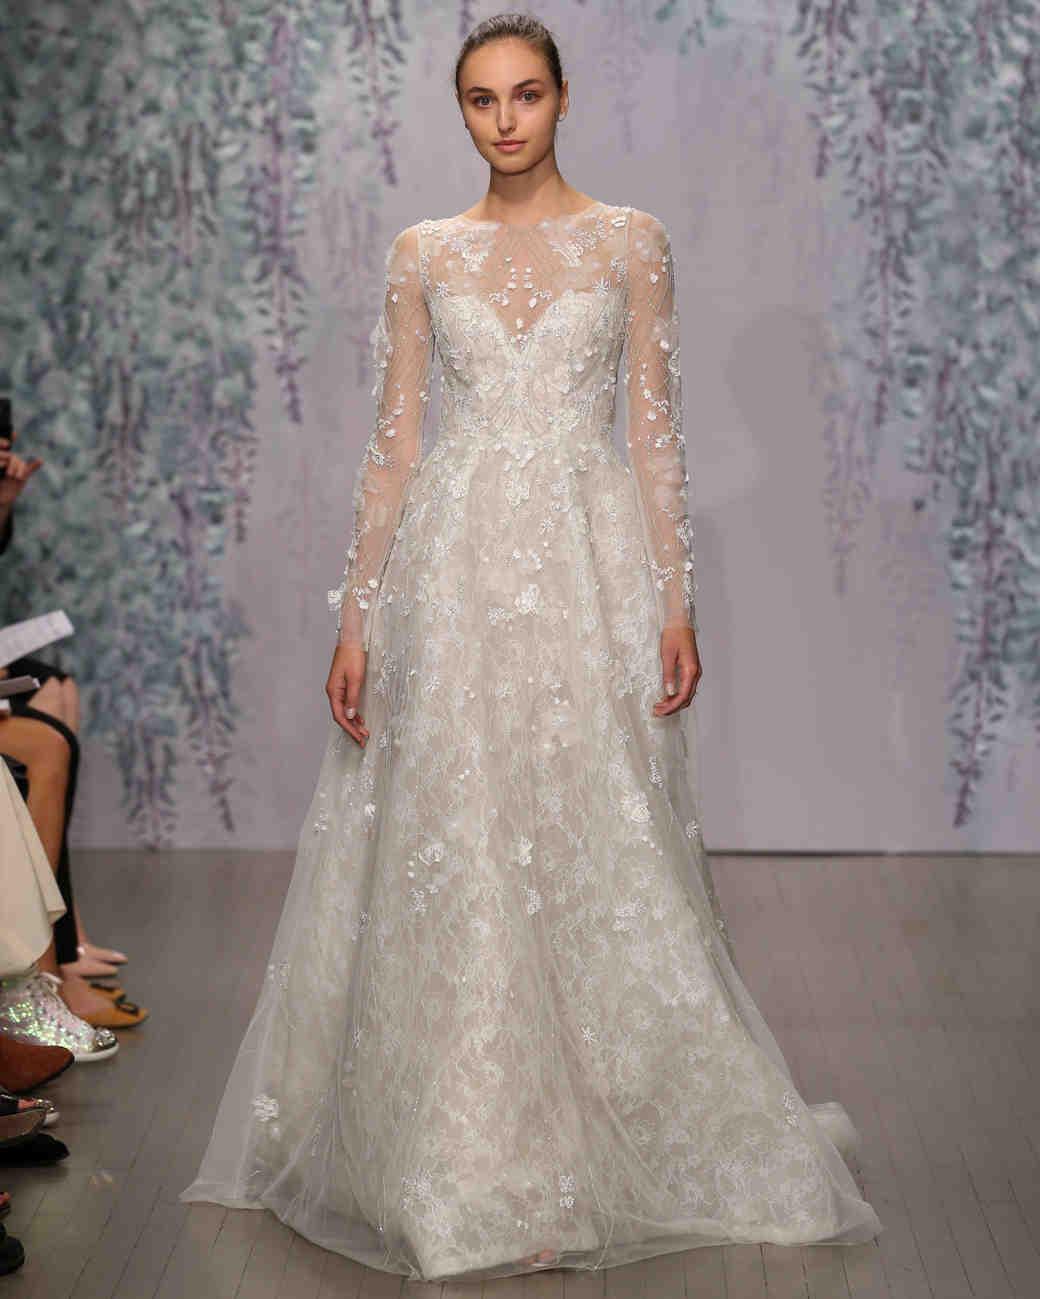 Monique Lhuillier Wedding Gowns Discount – Dresses for Woman